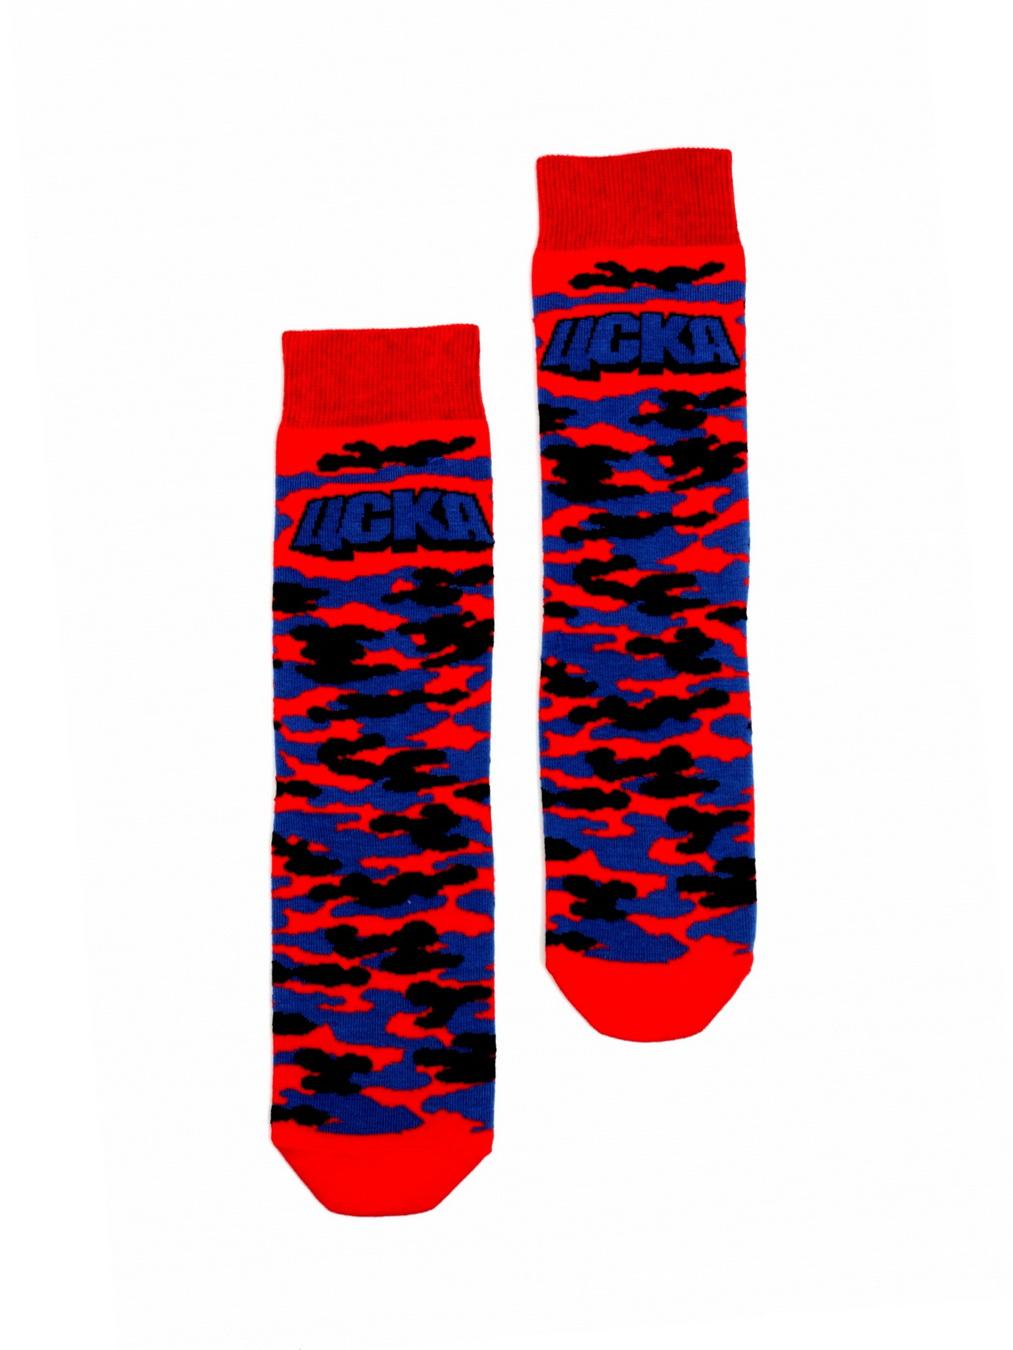 Купить Носки мужские Милитари, цвет красно-синий (39-40) по Нижнему Новгороду